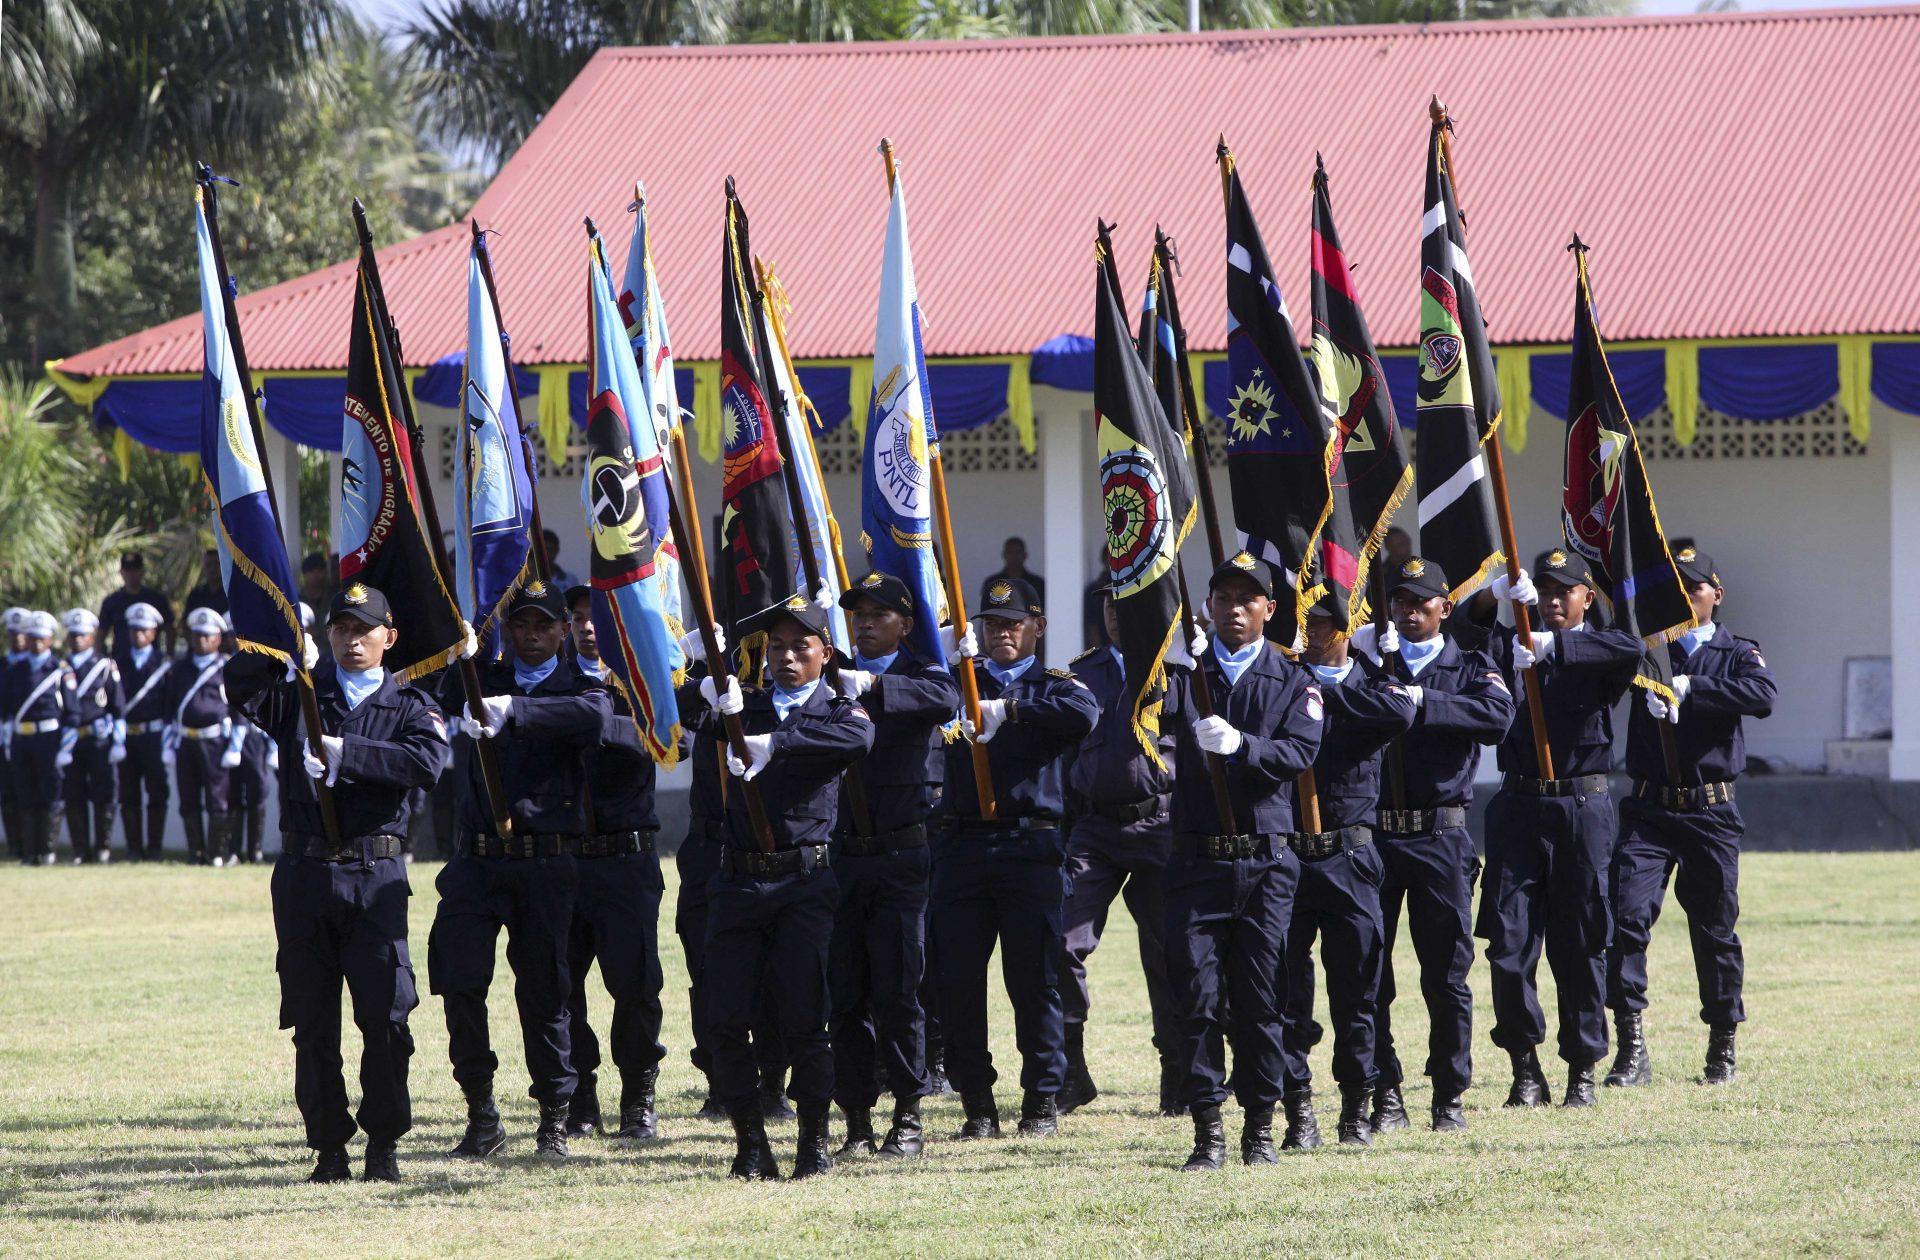 Cerimónia do 15.º aniversário da Polícia Nacional de Timor-Leste (PNTL) em Díli, Timor-Leste, 27 de março de 2015. ANTÓNIO SAMPAIO/LUSA